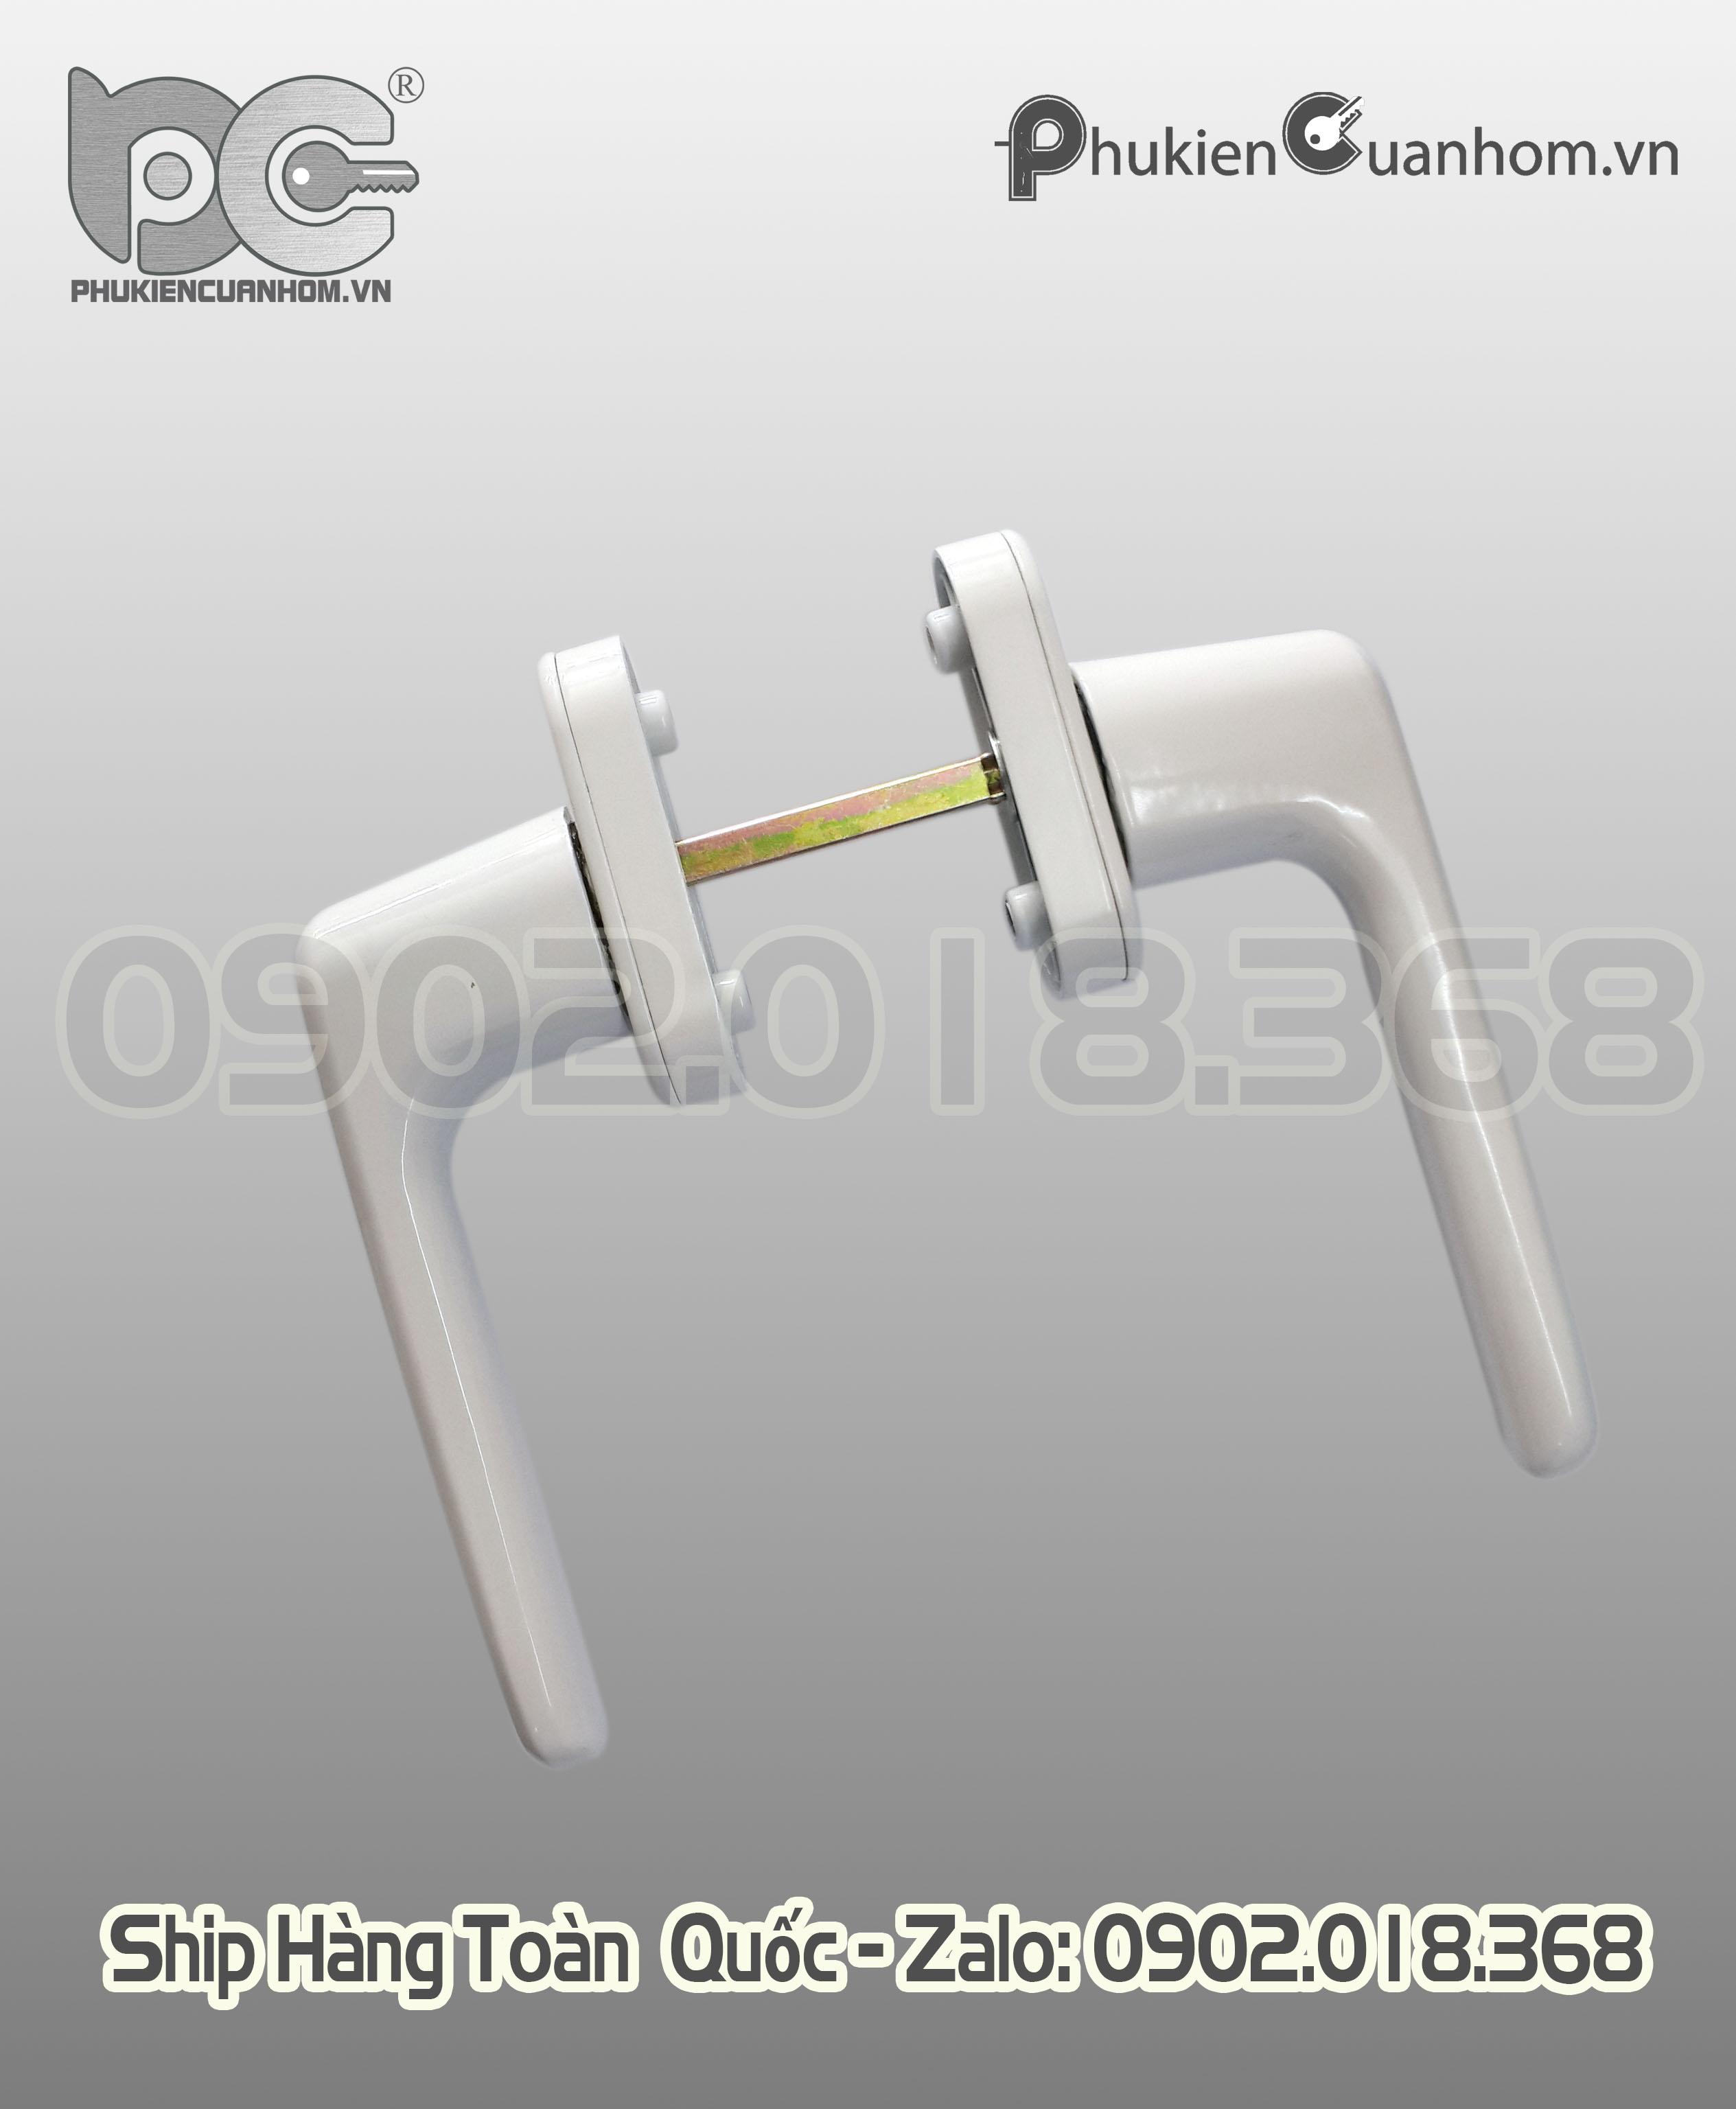 Tay nắm khóa đa điểm có chìa cửa lùa nhôm Xingfa hệ 93 và 55 - CZ26C